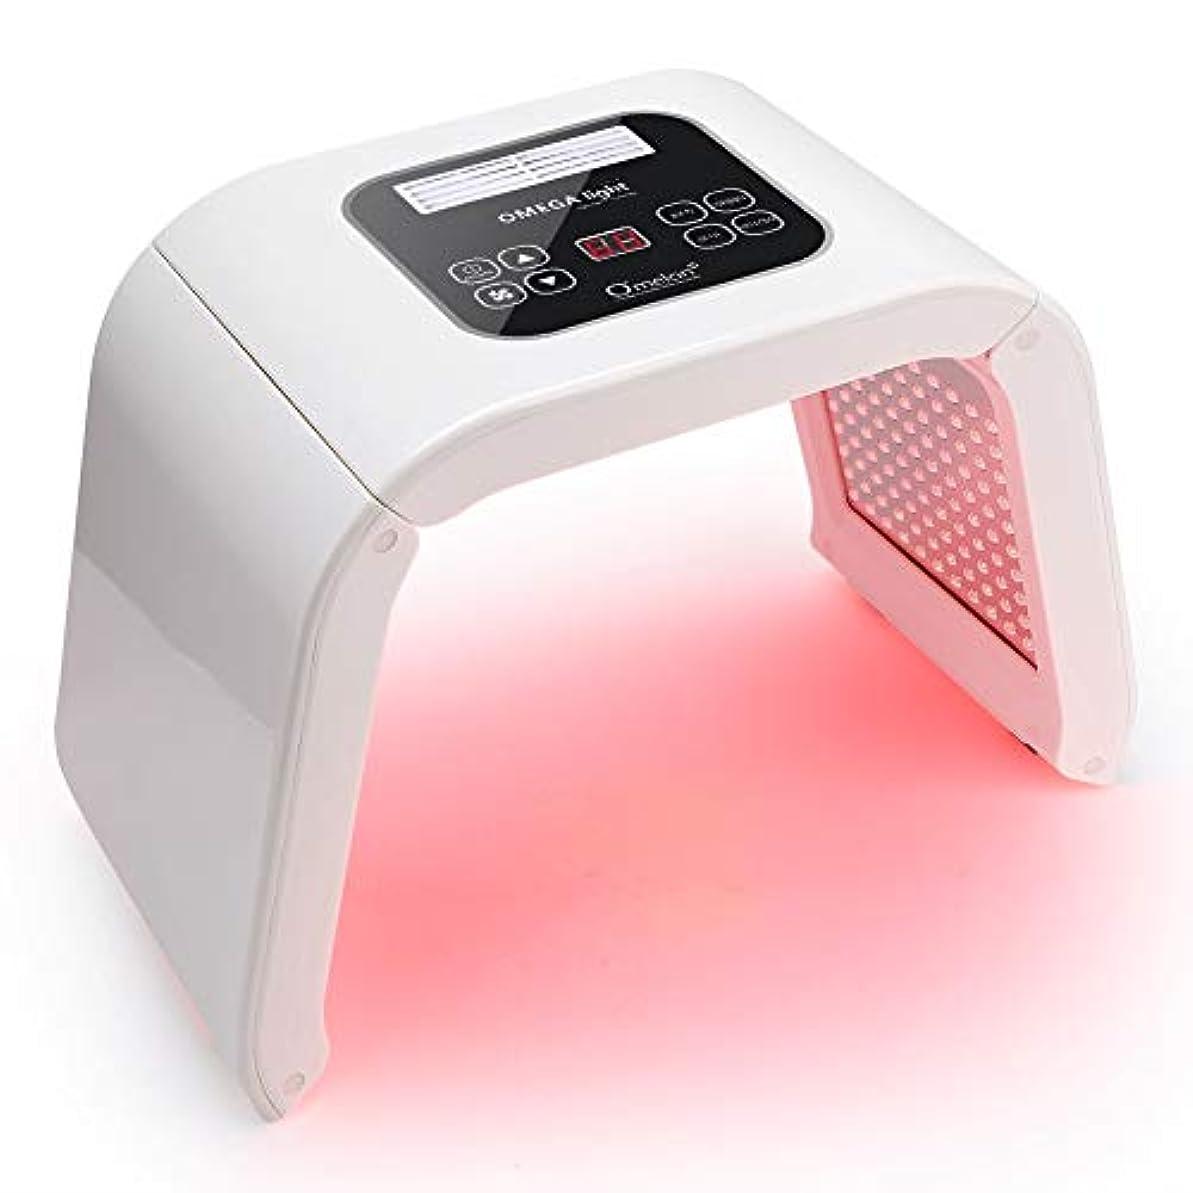 にきび治療LEDスキンケアツール、7色PDT LEDライト美容しわ除去フェイスケアマシン改善しわ(US Plug)